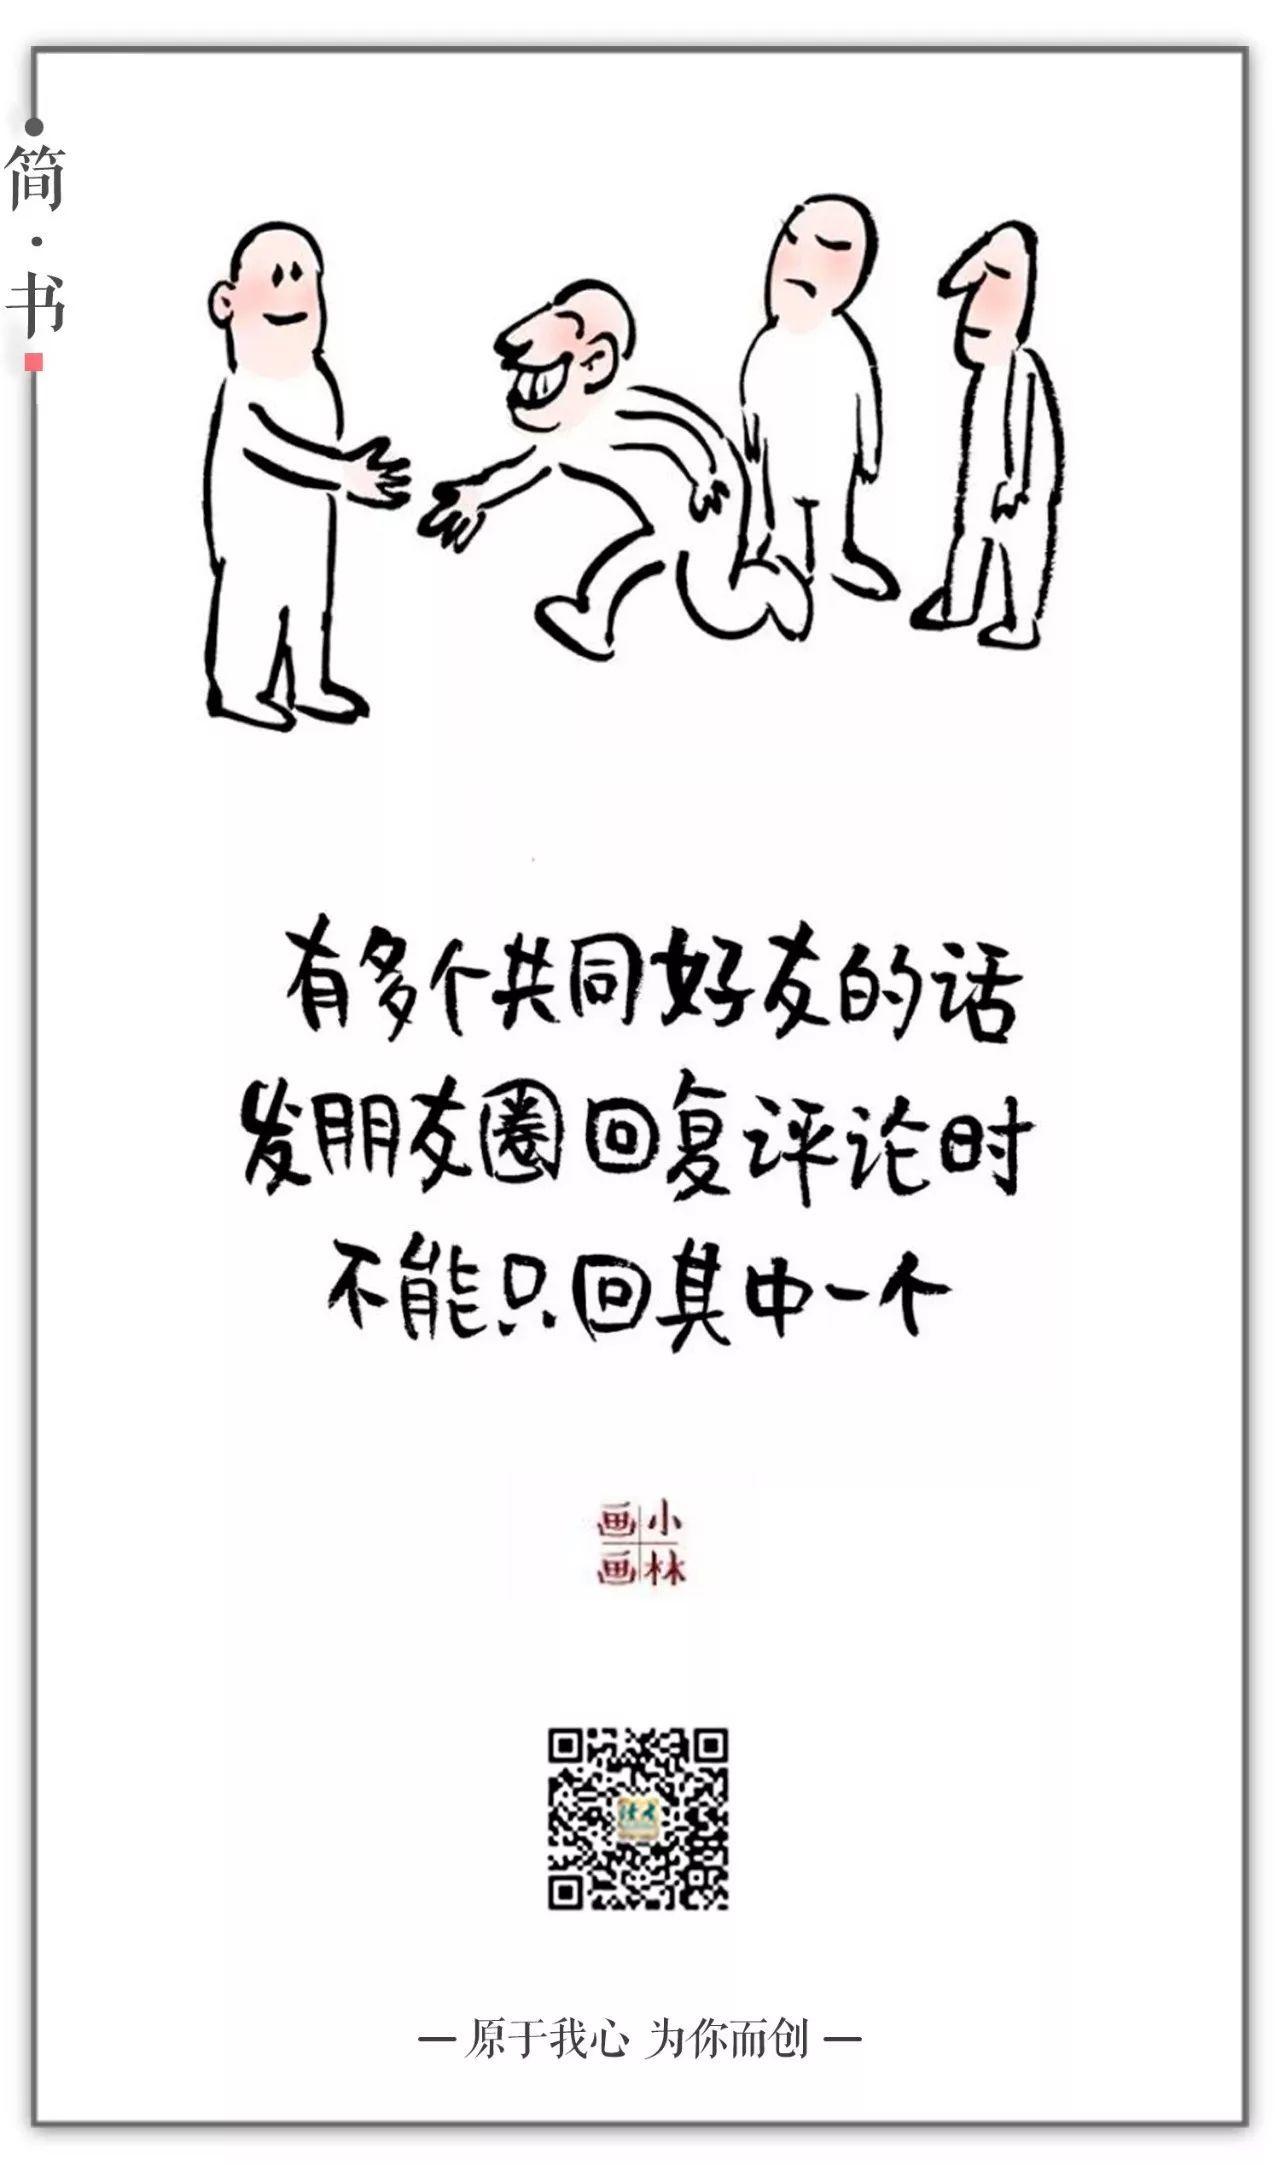 微信公众号:小林(id:inkcn020);微博 @林帝浣 关注帅帅的小林老师图片